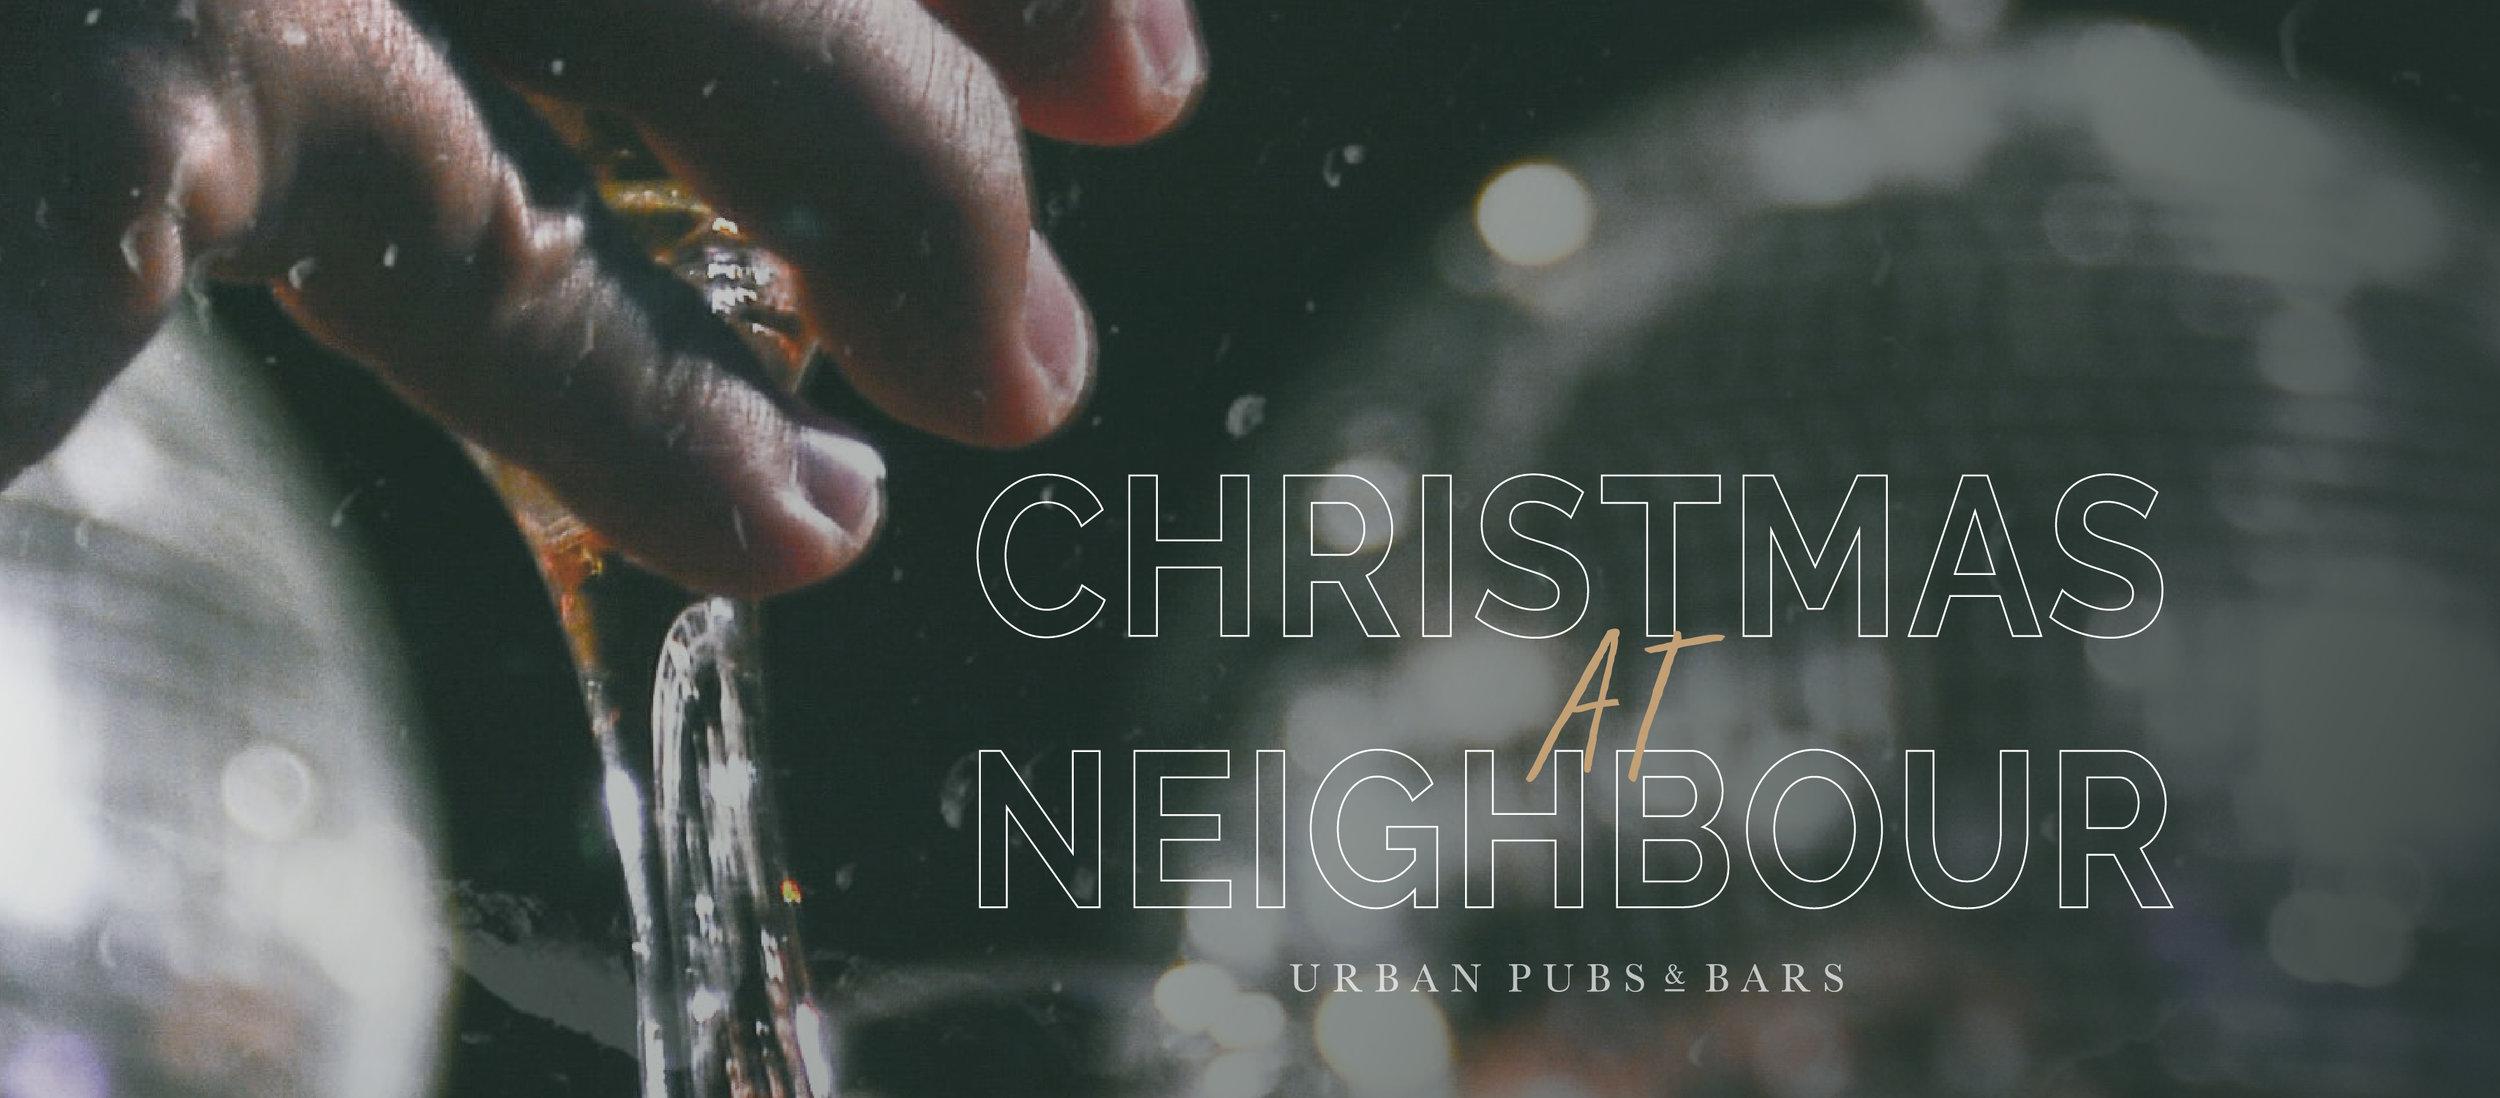 Facebook+Christmas+Headers-neighbour.jpg